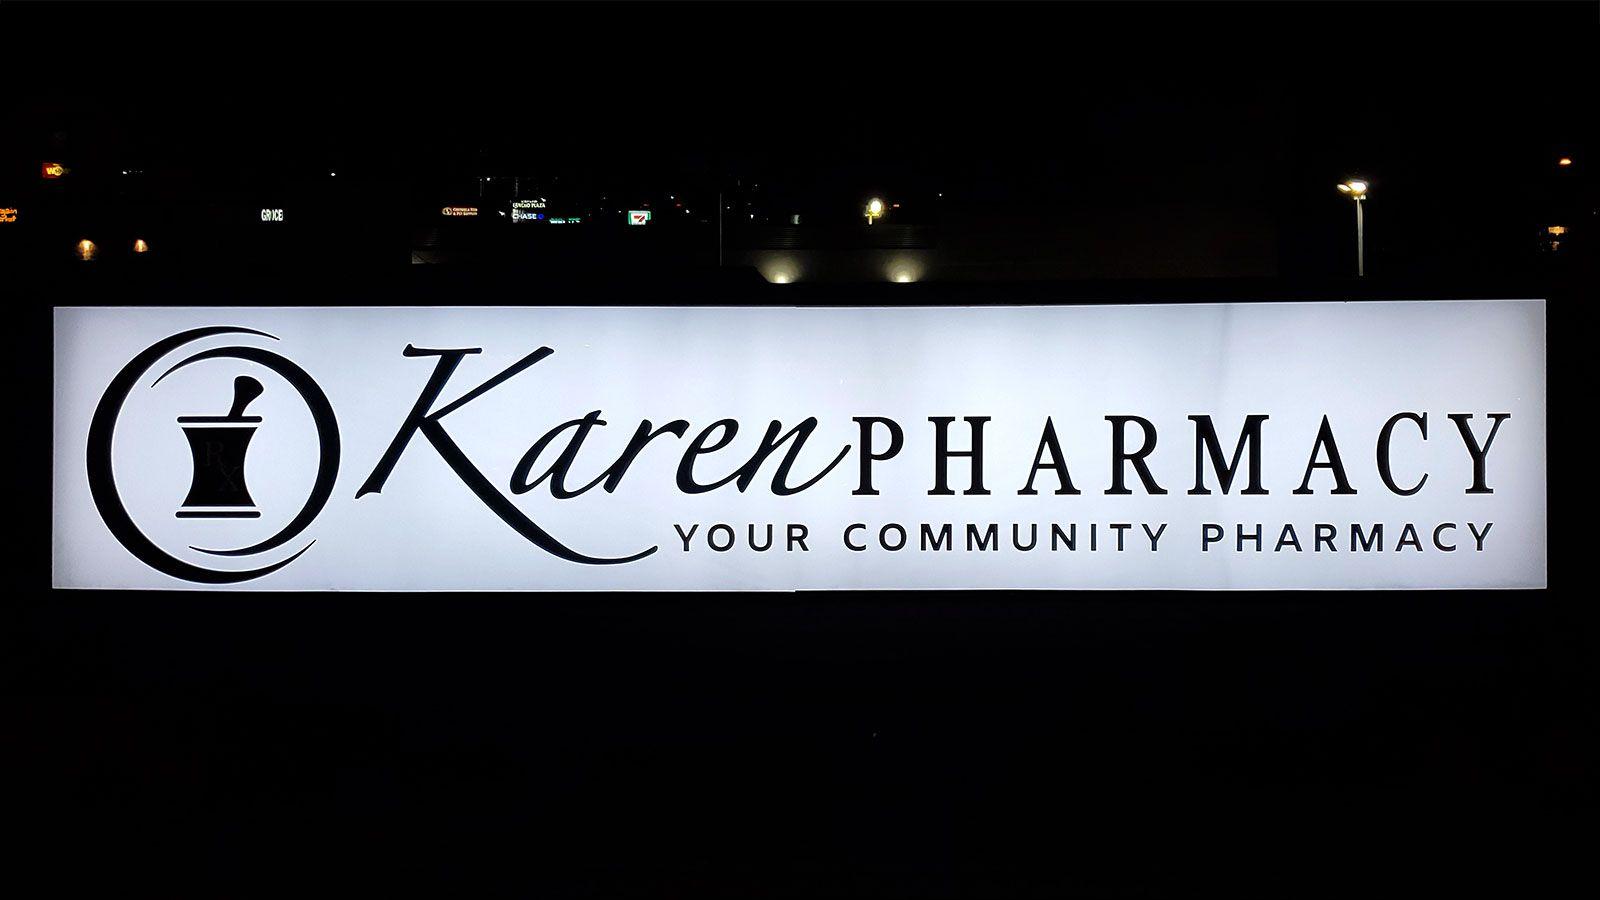 Karen Pharmacy lightbox sign